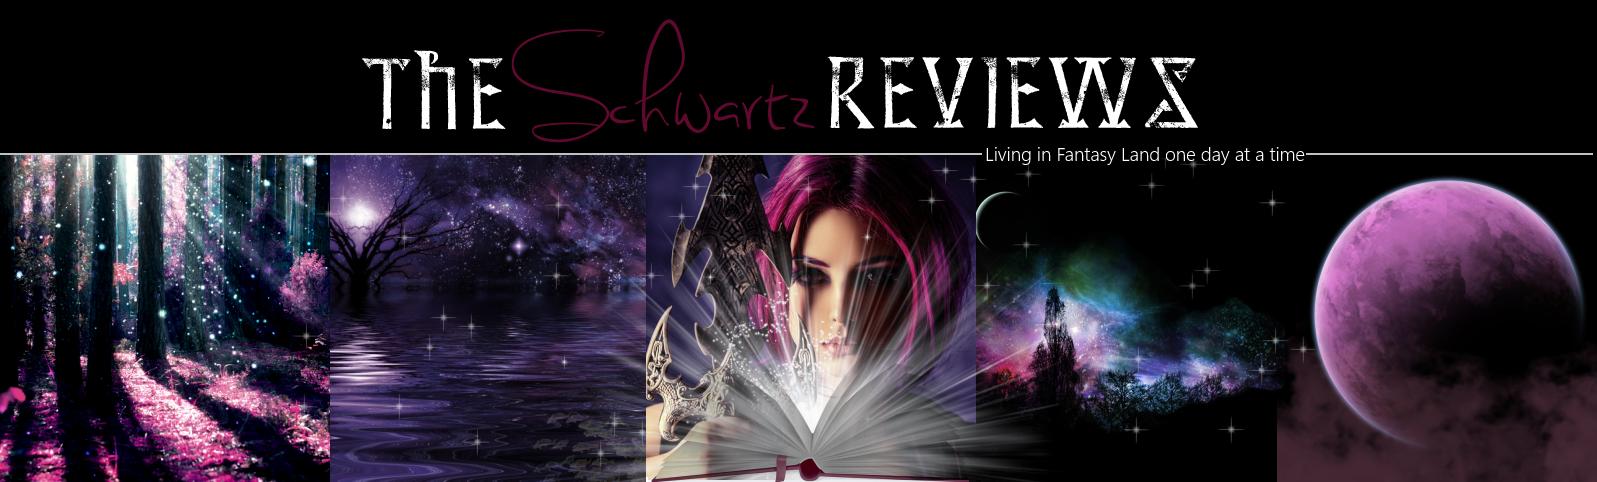 purple favorite blog schwartz